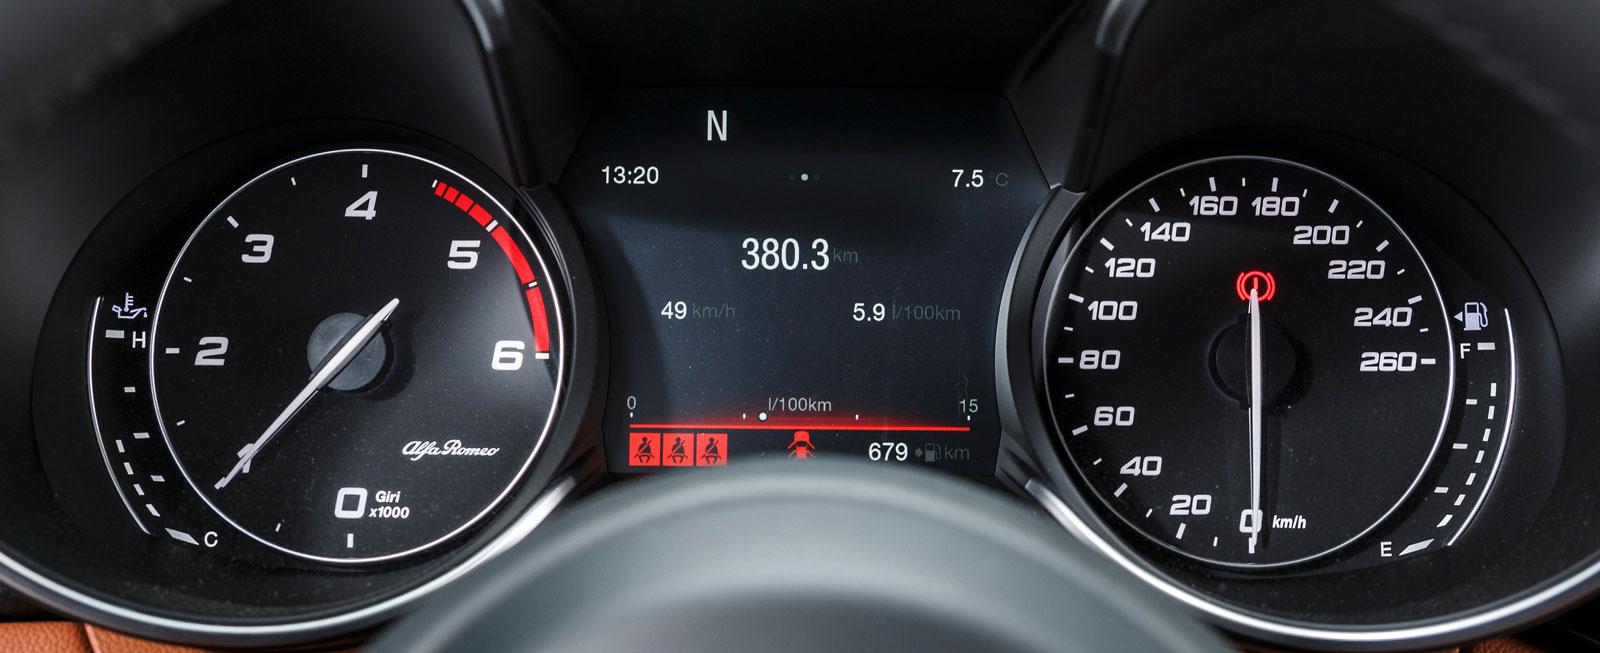 """Alfa Romeos instrumenttavlor finns på traditionellt vis djupt nere i """"strutar"""". Mellan dem en 3,5-tums TFT-skärm med tydlig visning."""